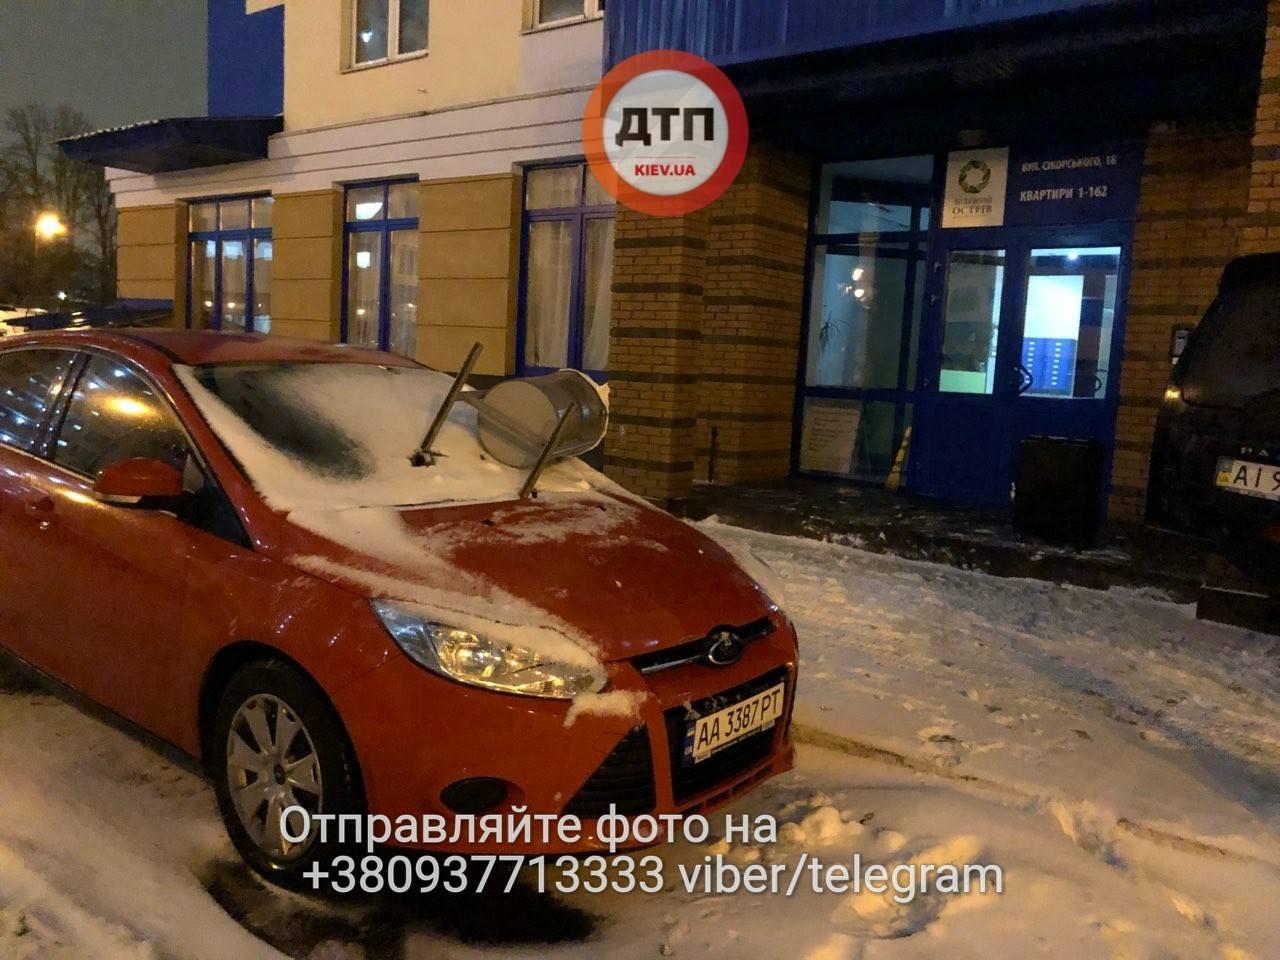 Героя парковки в Киеве наказали оригинальным способом